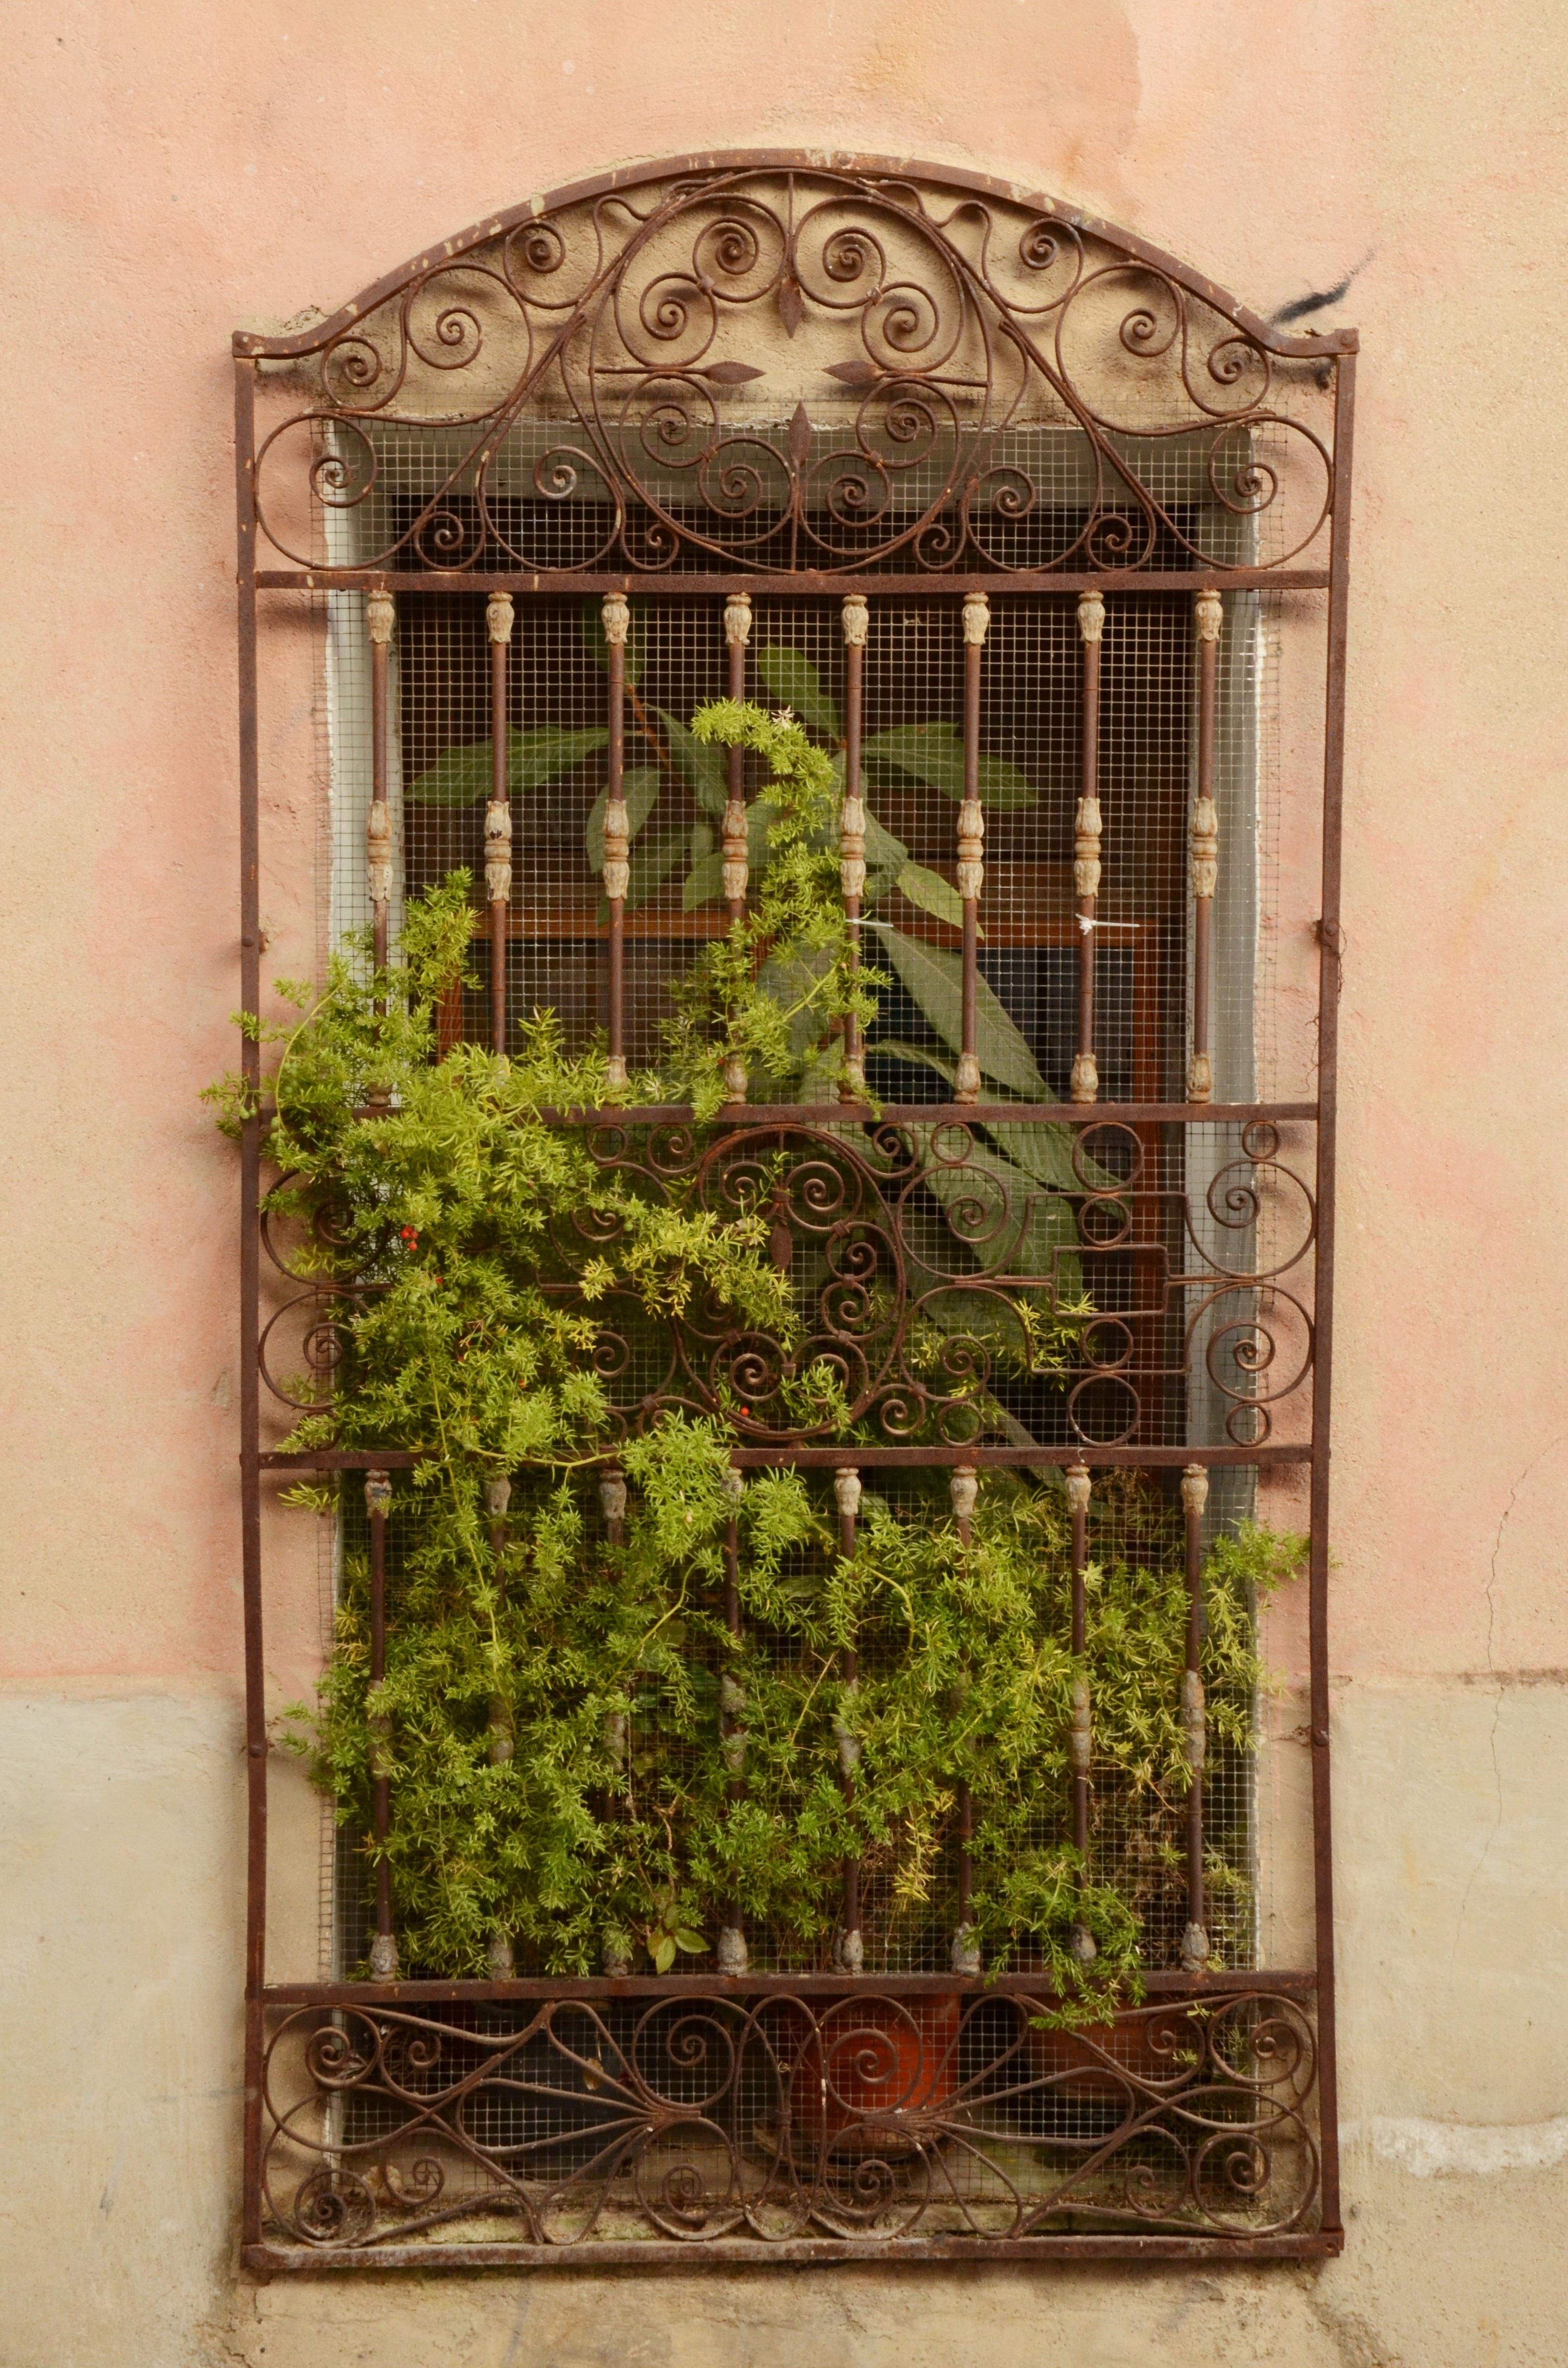 Gratis billeder : hegn, arkitektur, plante, træ, hus, vindue, væg ...